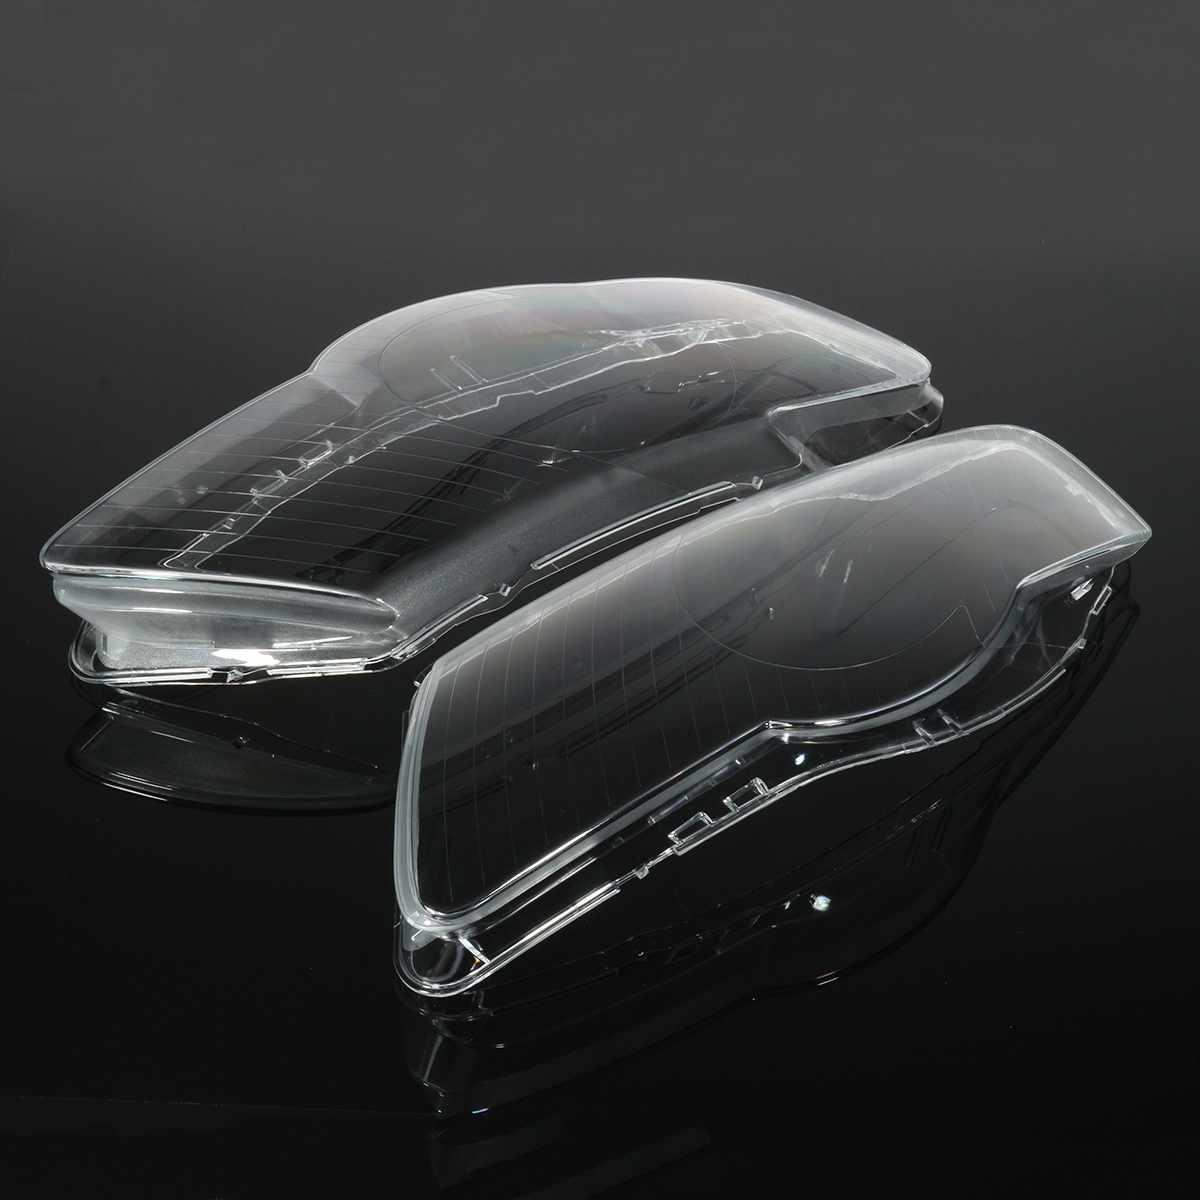 1 쌍의 자동차 헤드 라이트 전조등 방수 밝은 지우기 커버 렌즈 램프 후드 폭스 바겐에 대한 폭스 바겐 passat magotan b6 r36